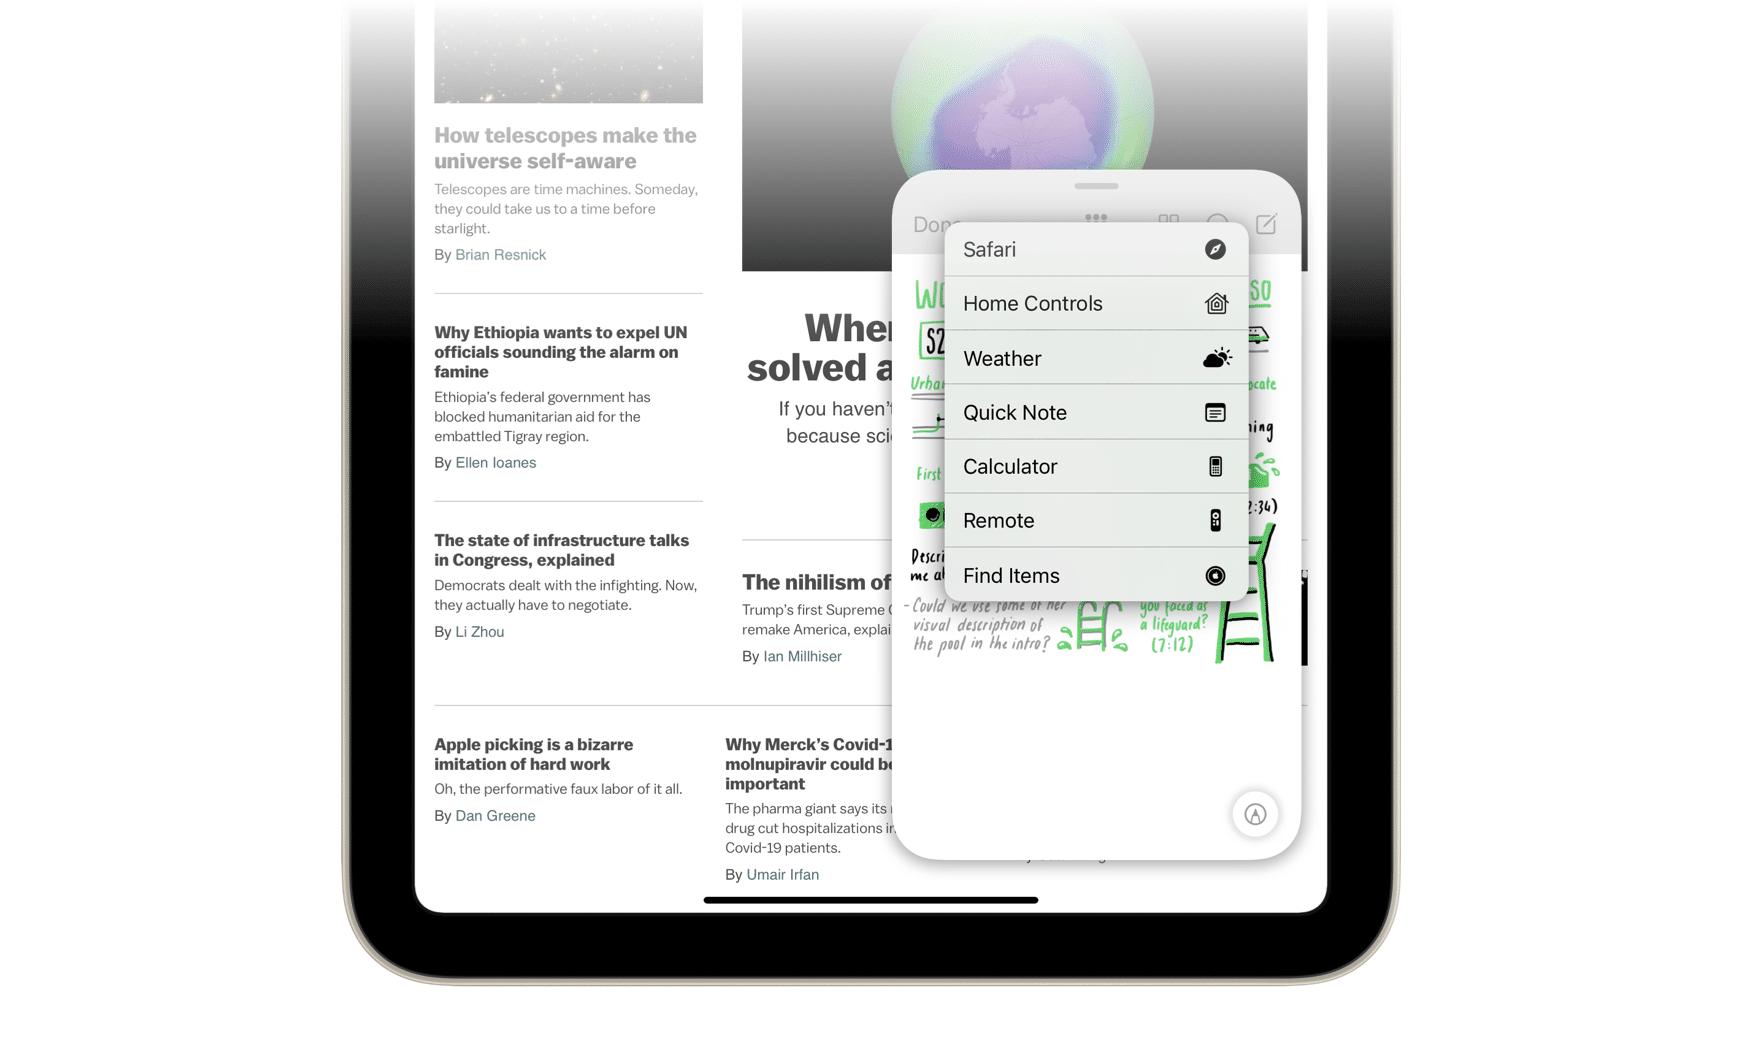 Conceito Notas Rápidas iPadOS15